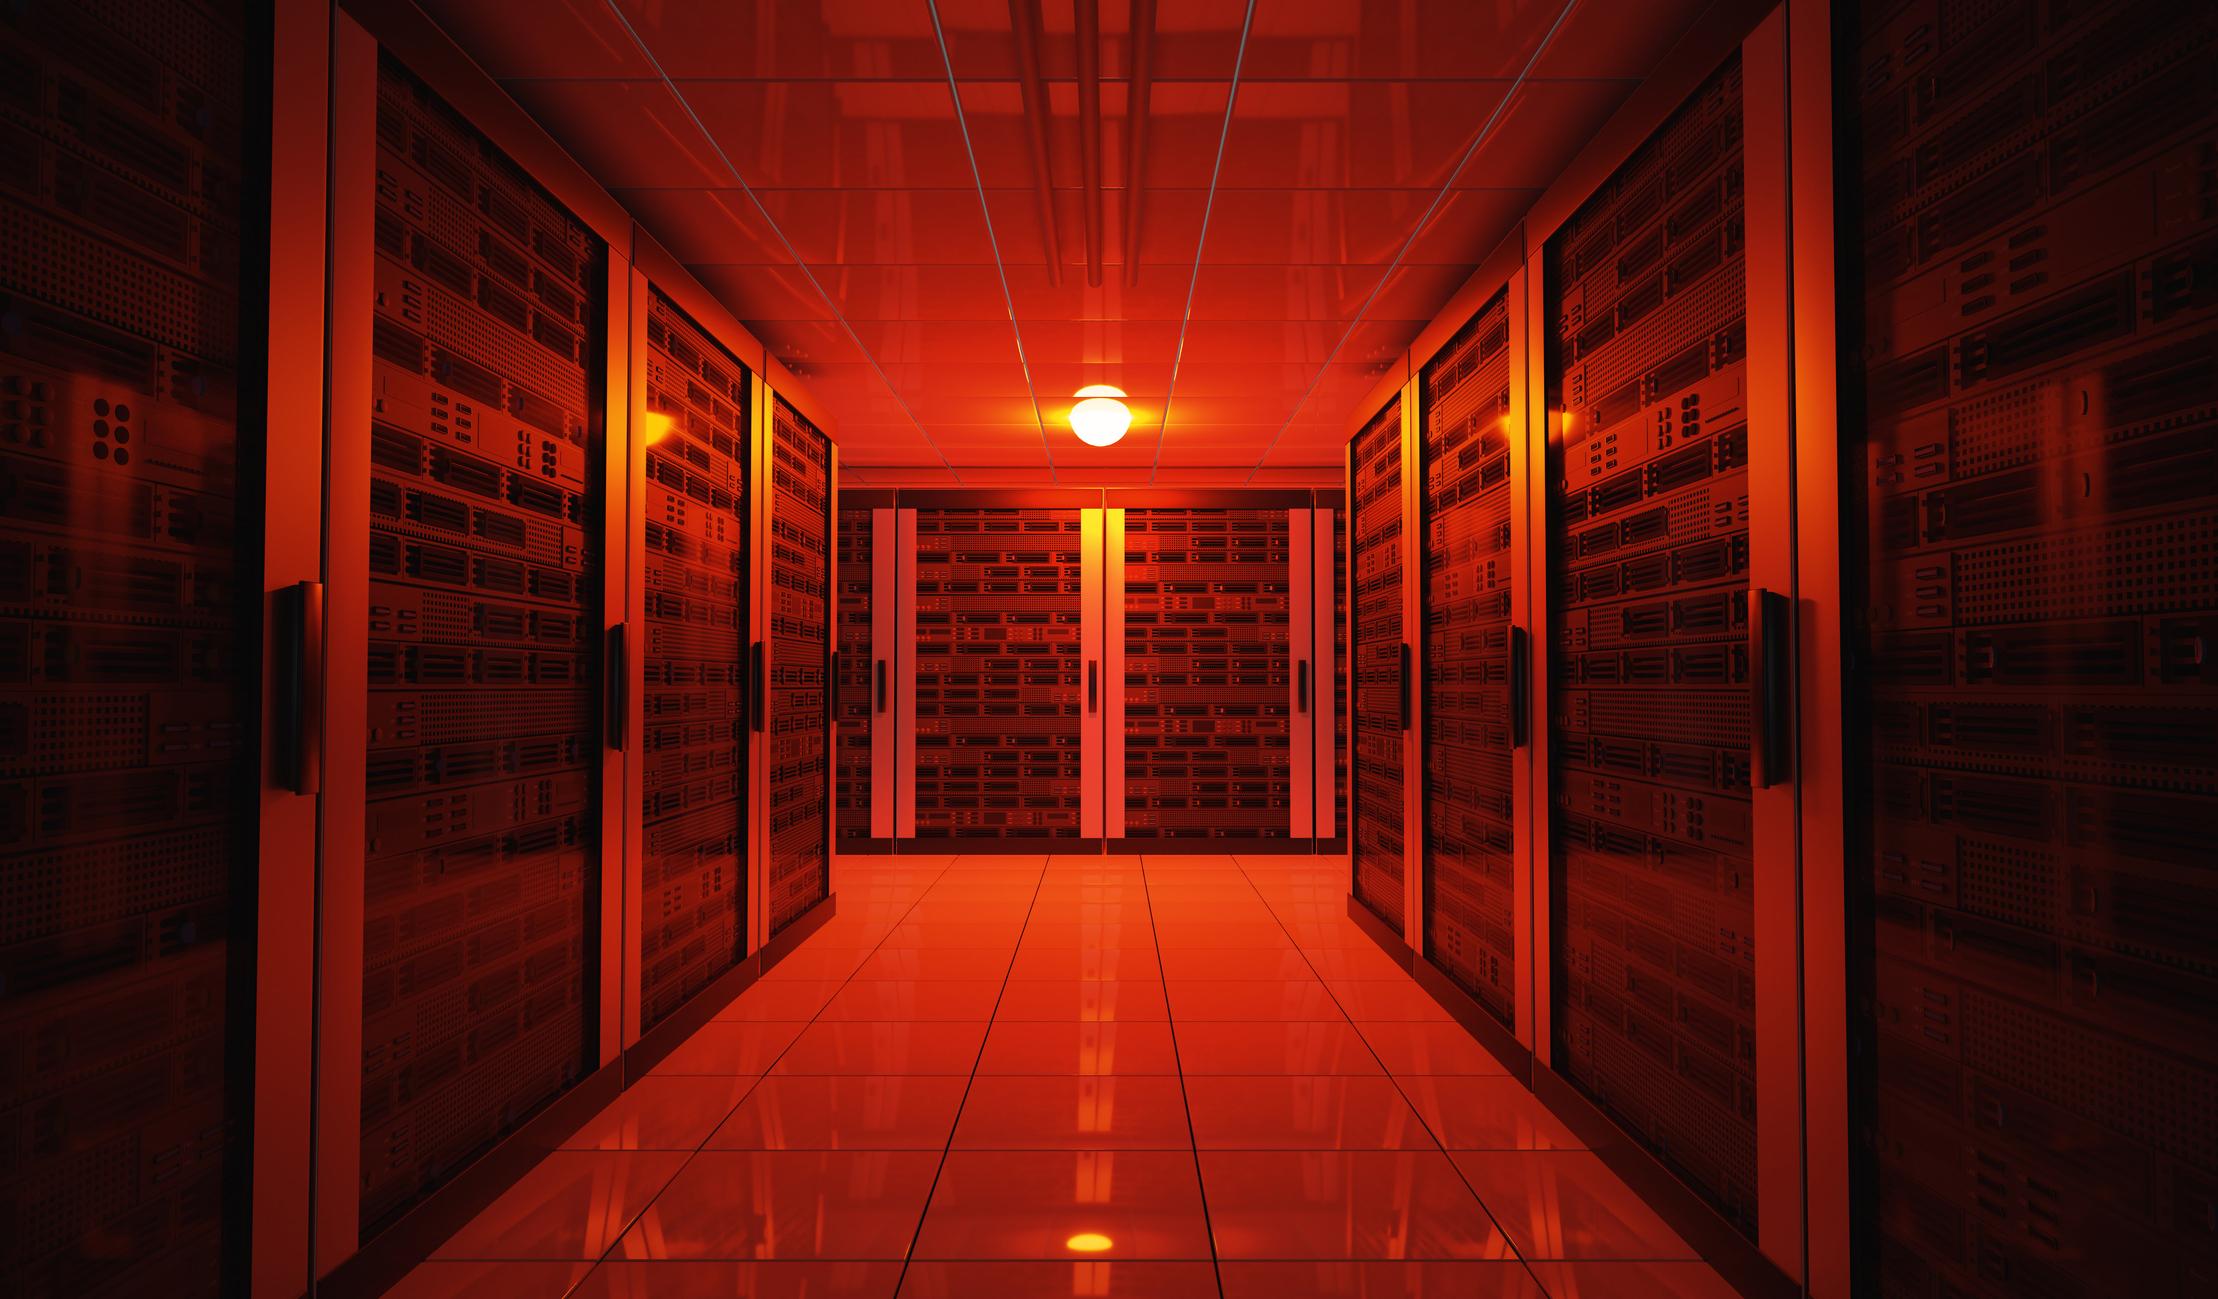 Хакеры могут атаковать самое сердце интернета